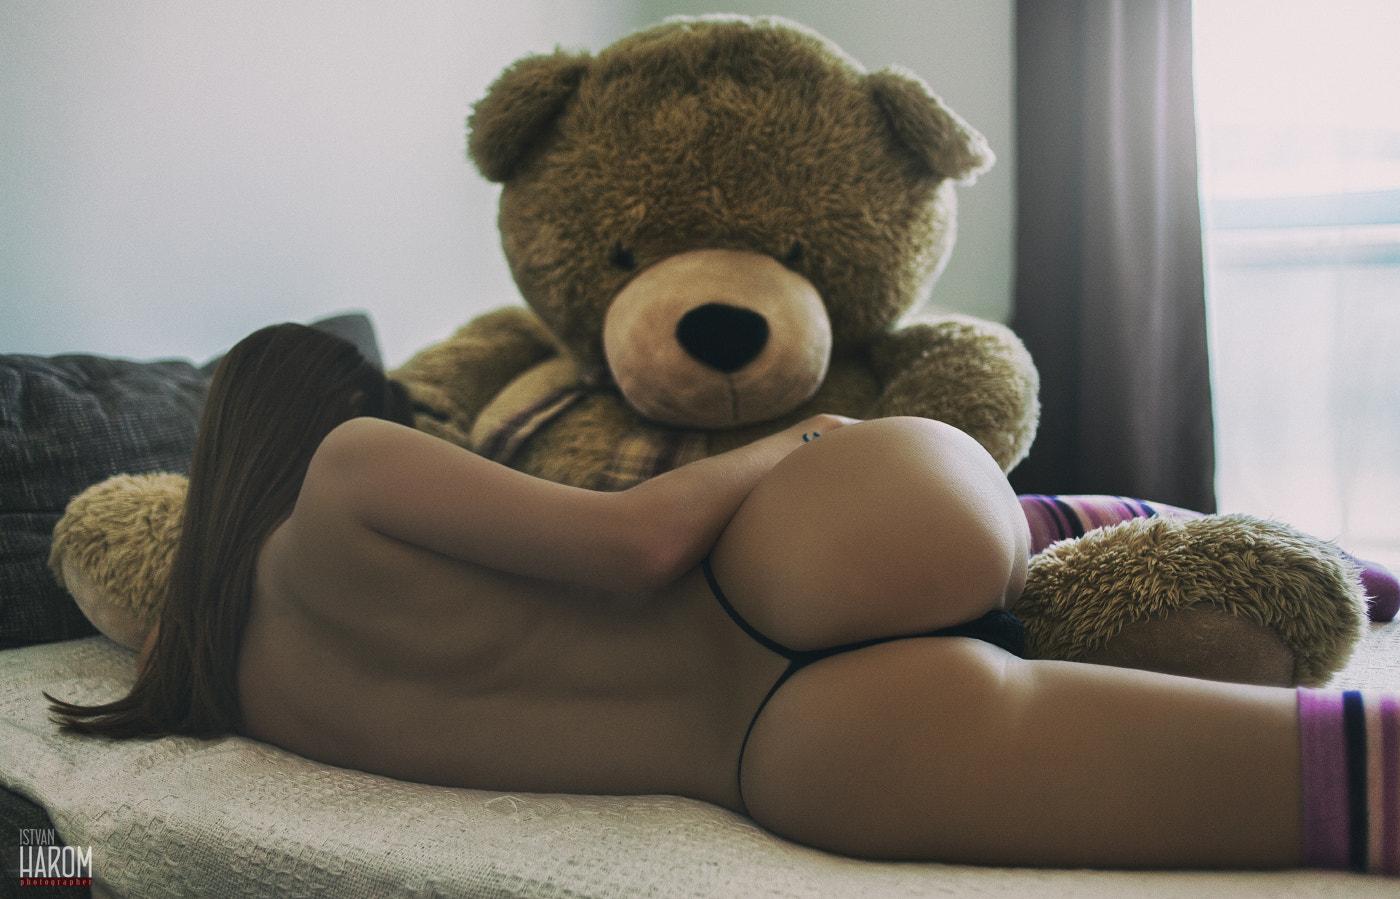 women-brunette-lying-on-side-teddy-bears-topless-